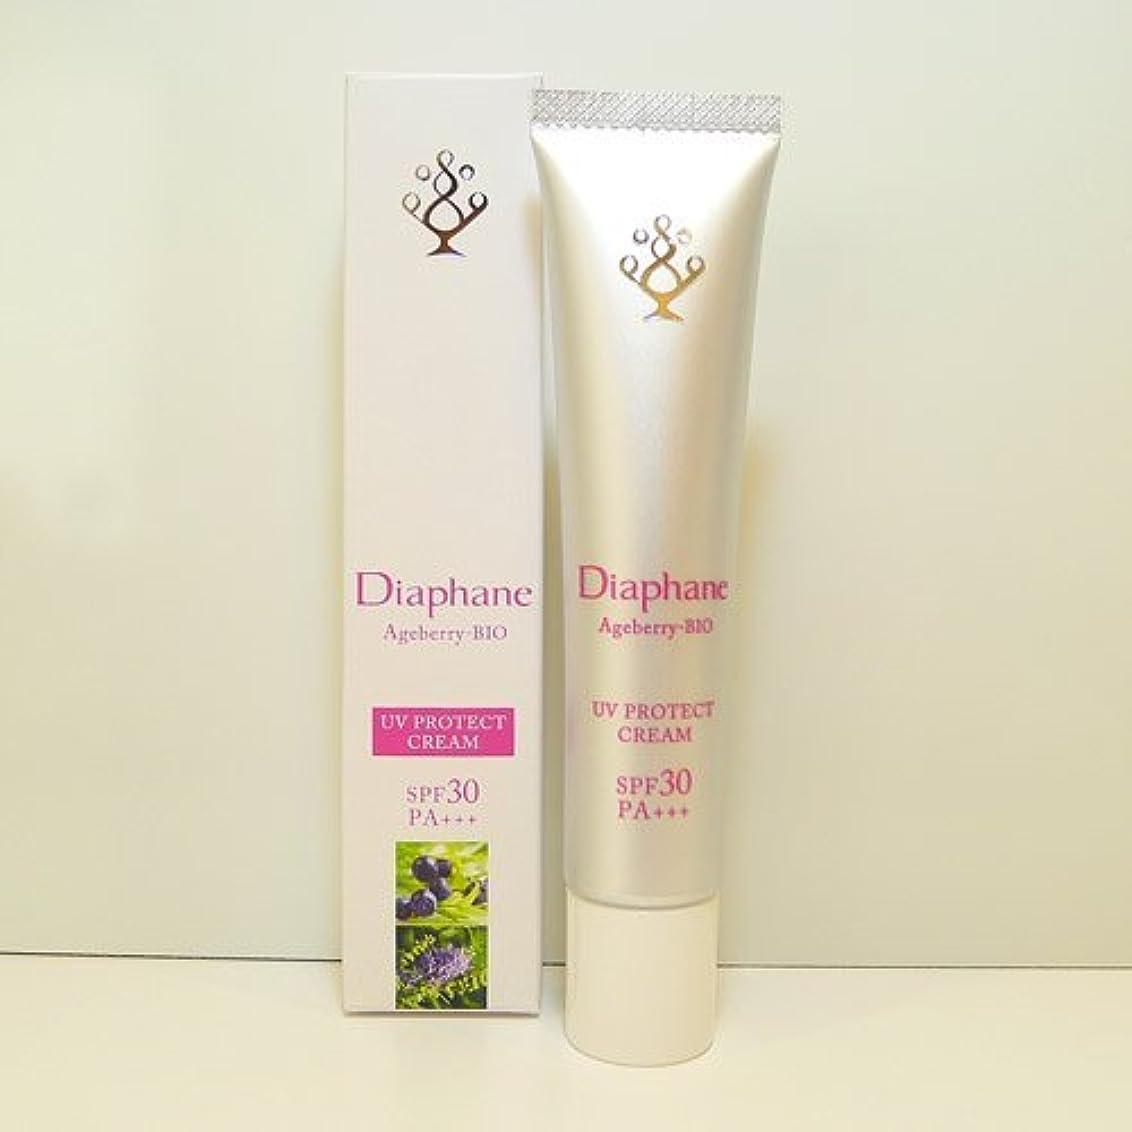 リルまっすぐ規範ディアファーヌ アジュベリービオ UV プロテクトクリーム 40g